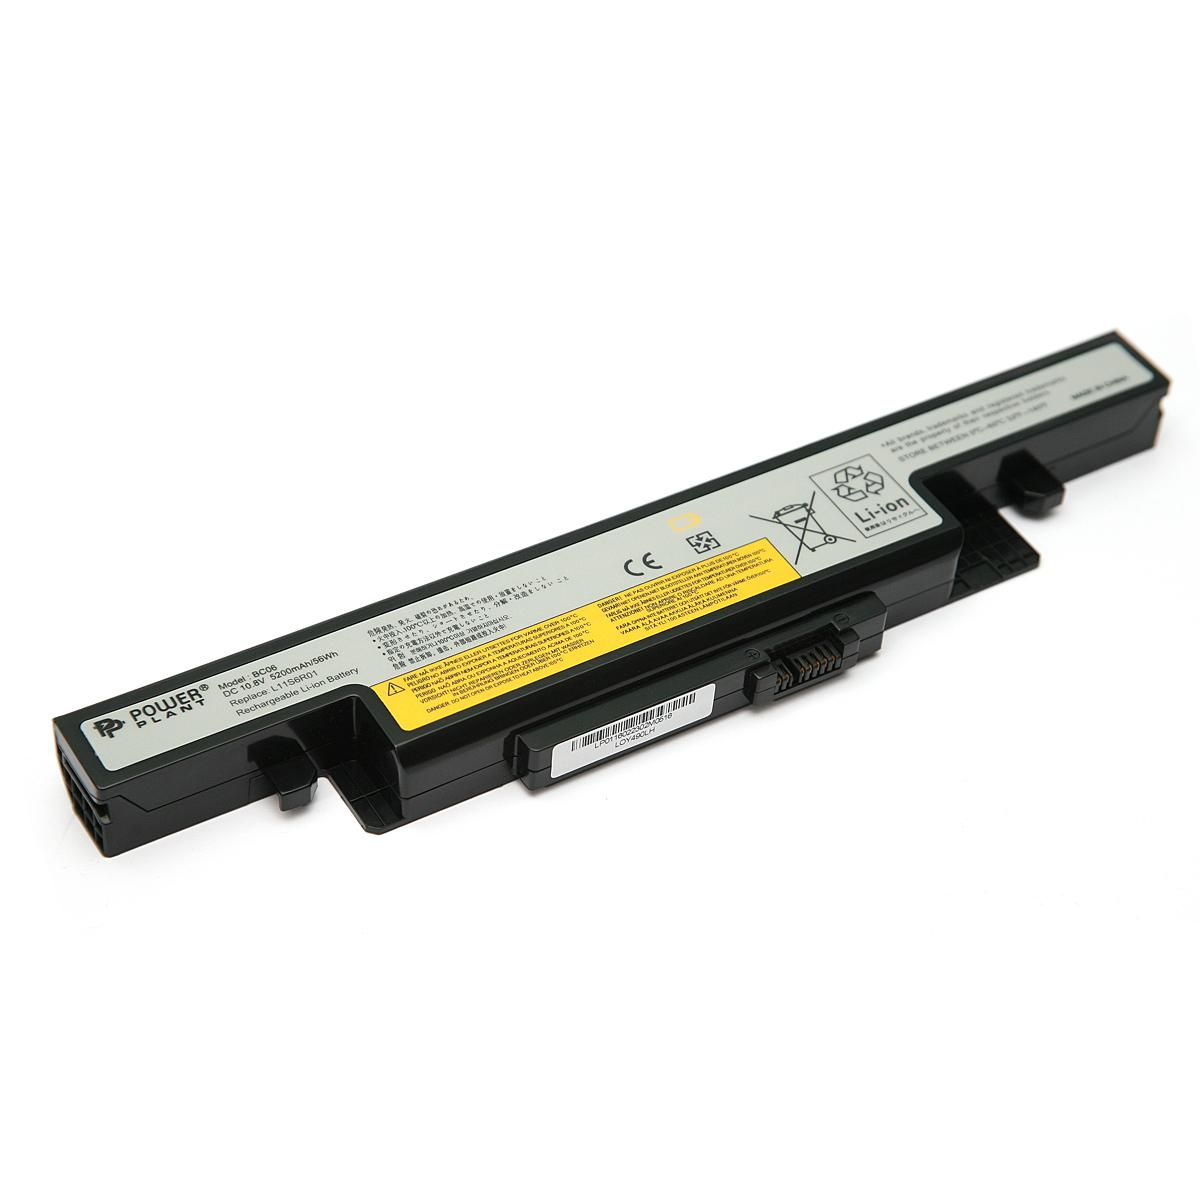 Купить Аккумулятор PowerPlant для ноутбуков IBM/LENOVO IdeaPad Y490 (L11L6R02, LOY490LH) 10.8V 5200mAh